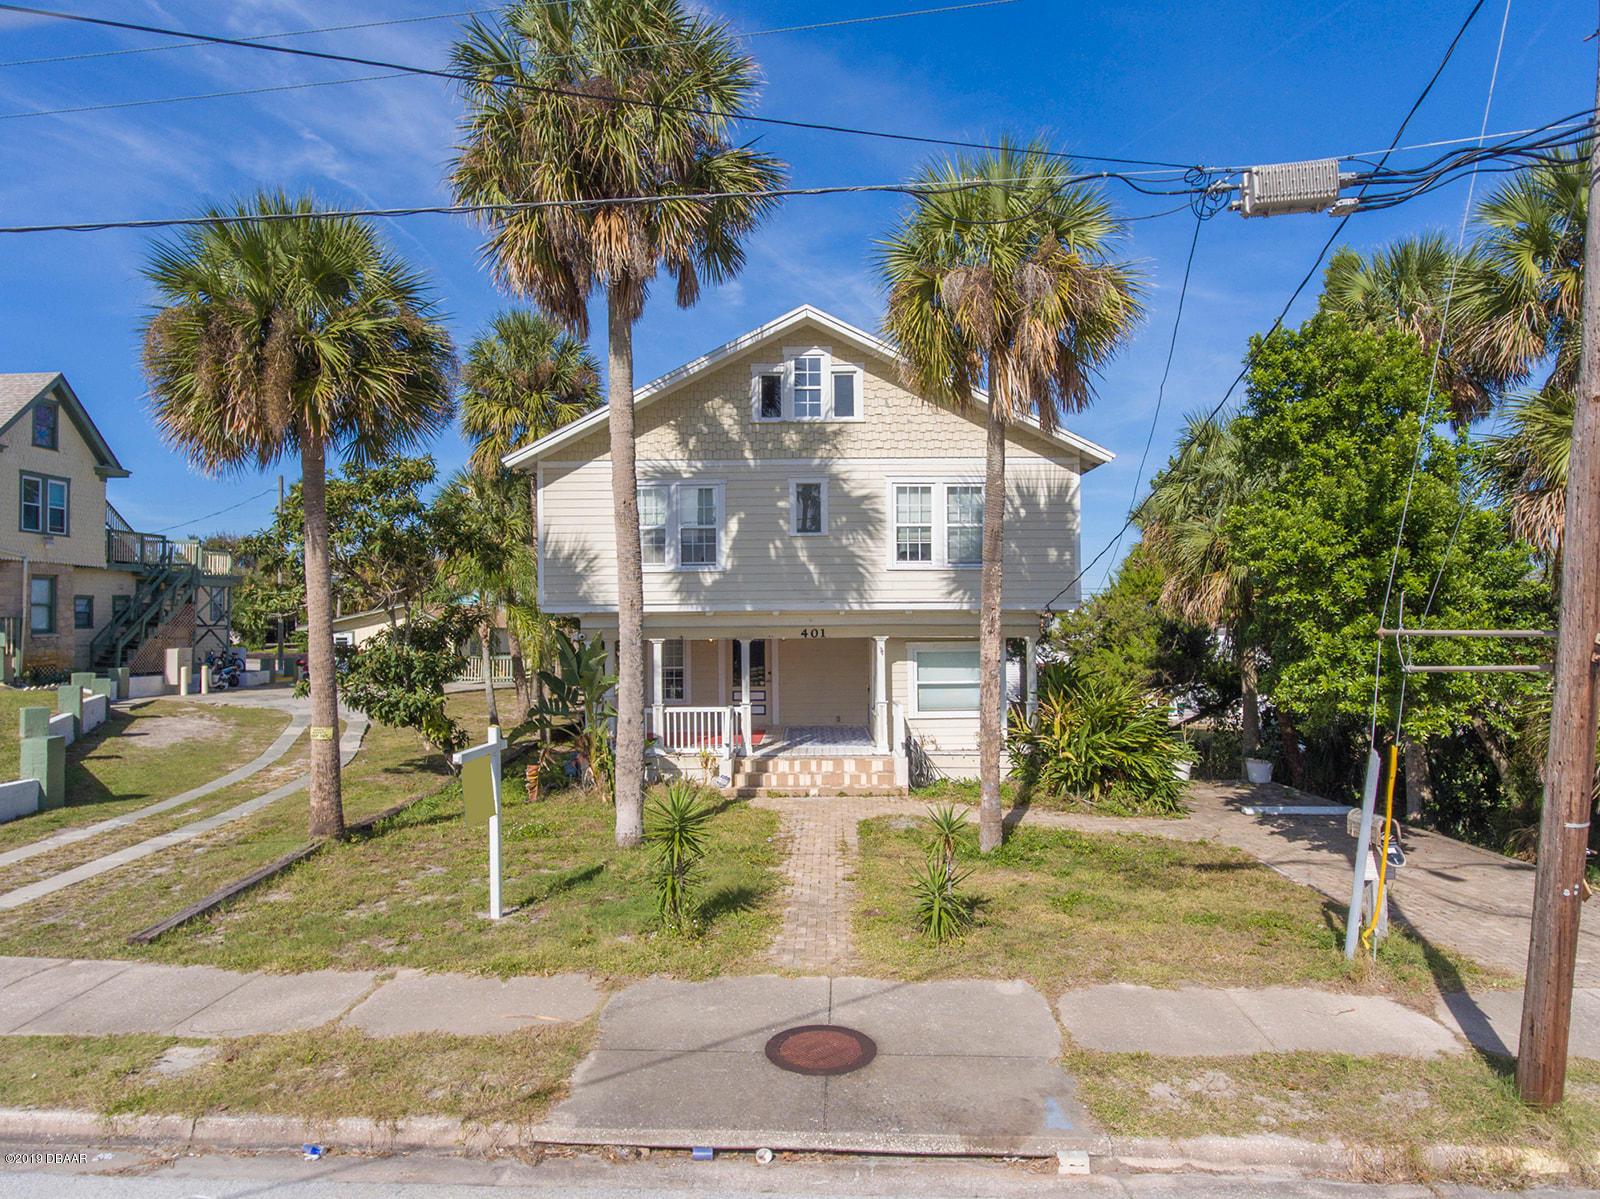 401 Silver Beach Avenue, Daytona Beach Shores, Florida